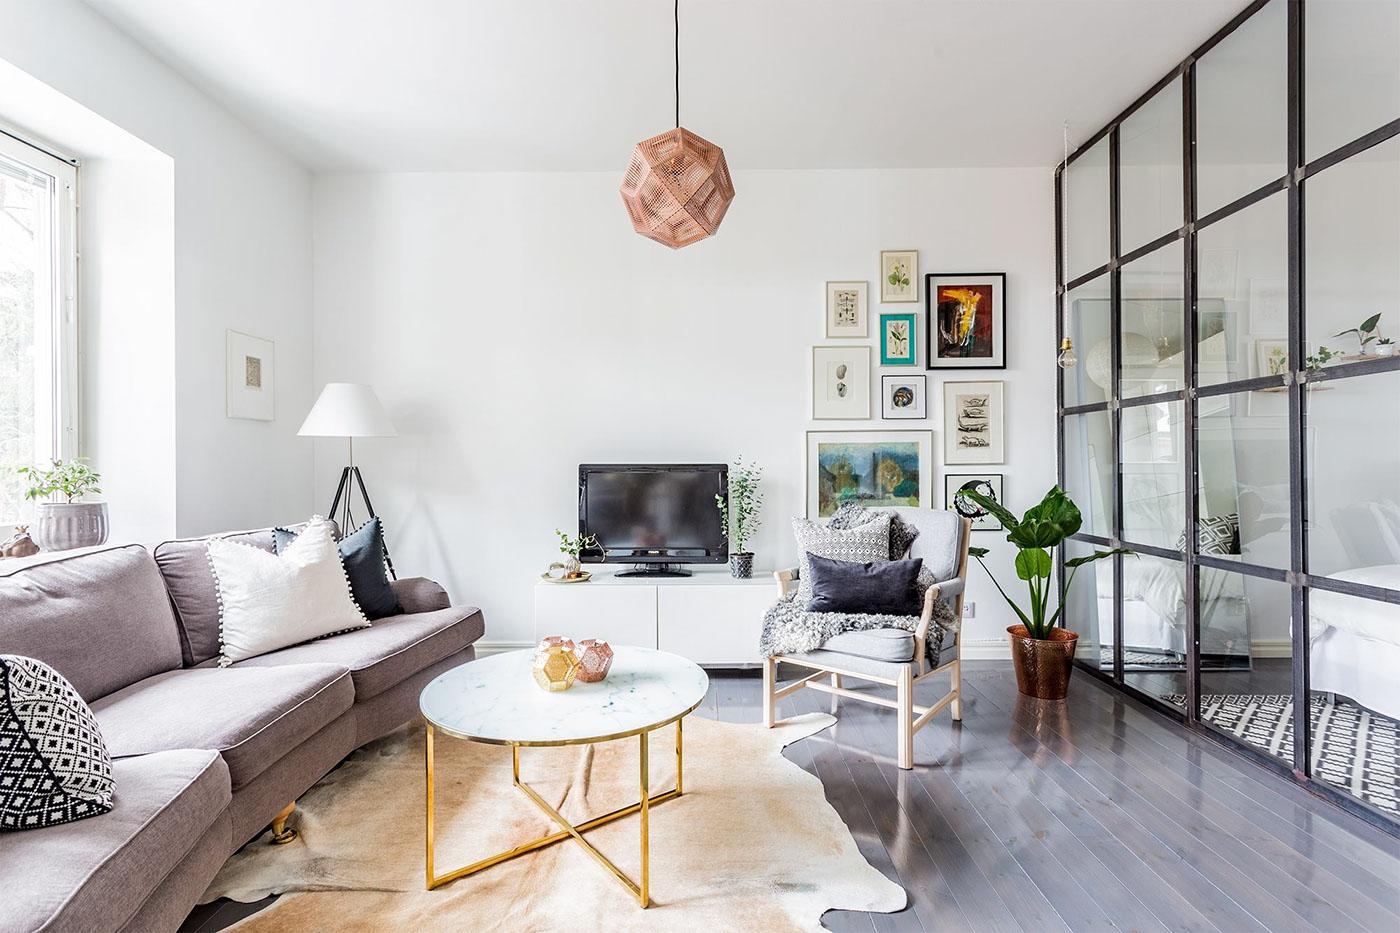 Conseils Et Idées Pour Adopter La Déco Cocooning Chez Soi - Canapé 3 places pour deco interieur maison bois